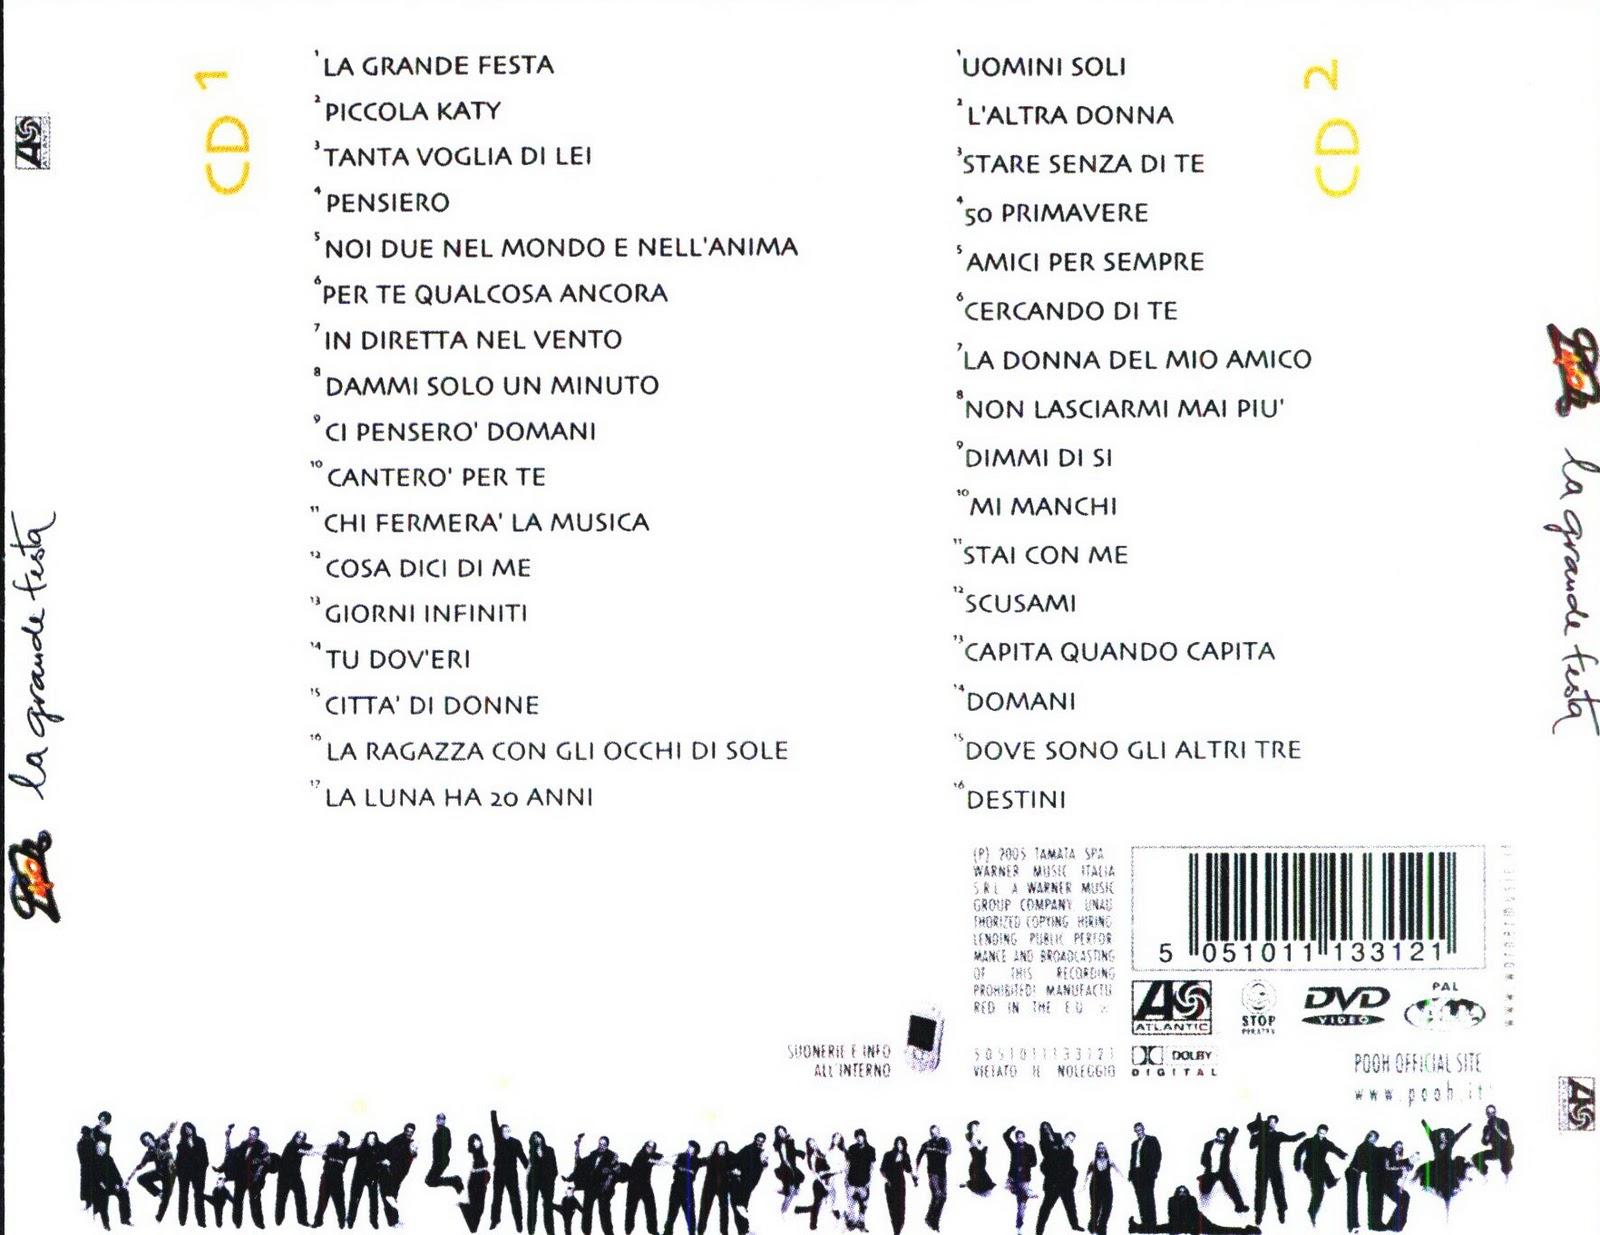 My music new pooh la grande festa cd 1 2 - Testo per sempre gemelli diversi ...